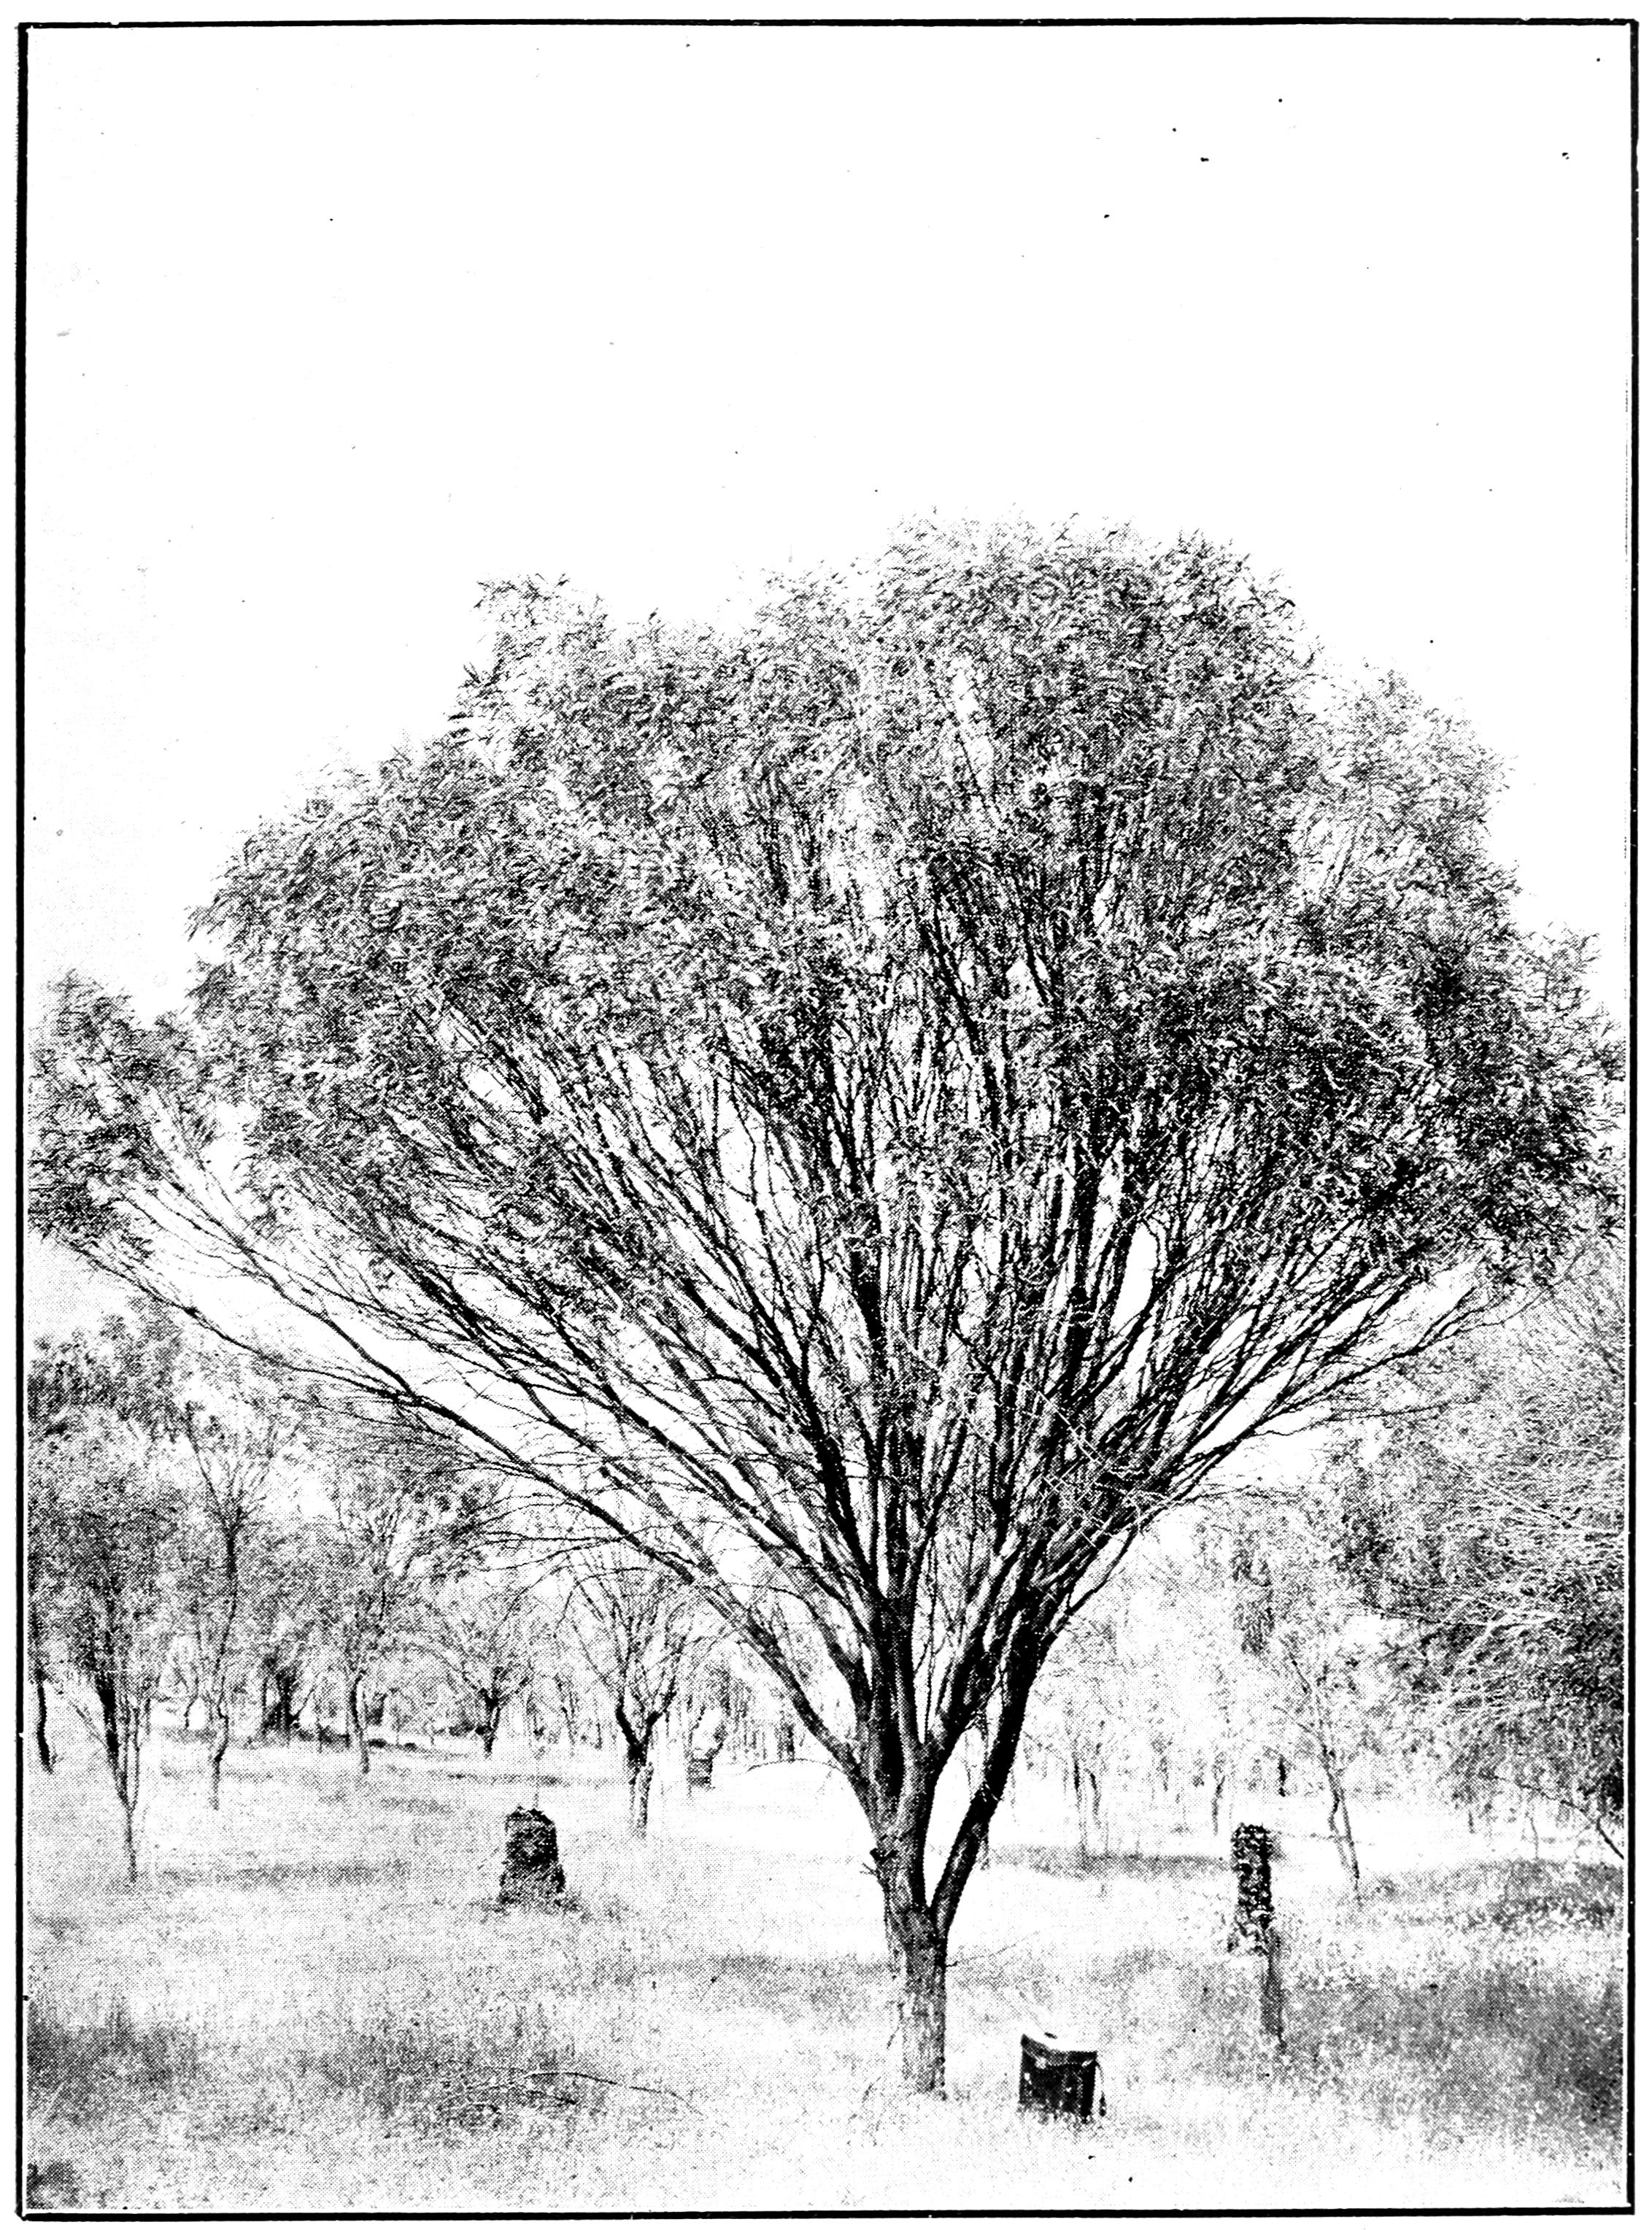 Acacia acuminata - Wikipedia